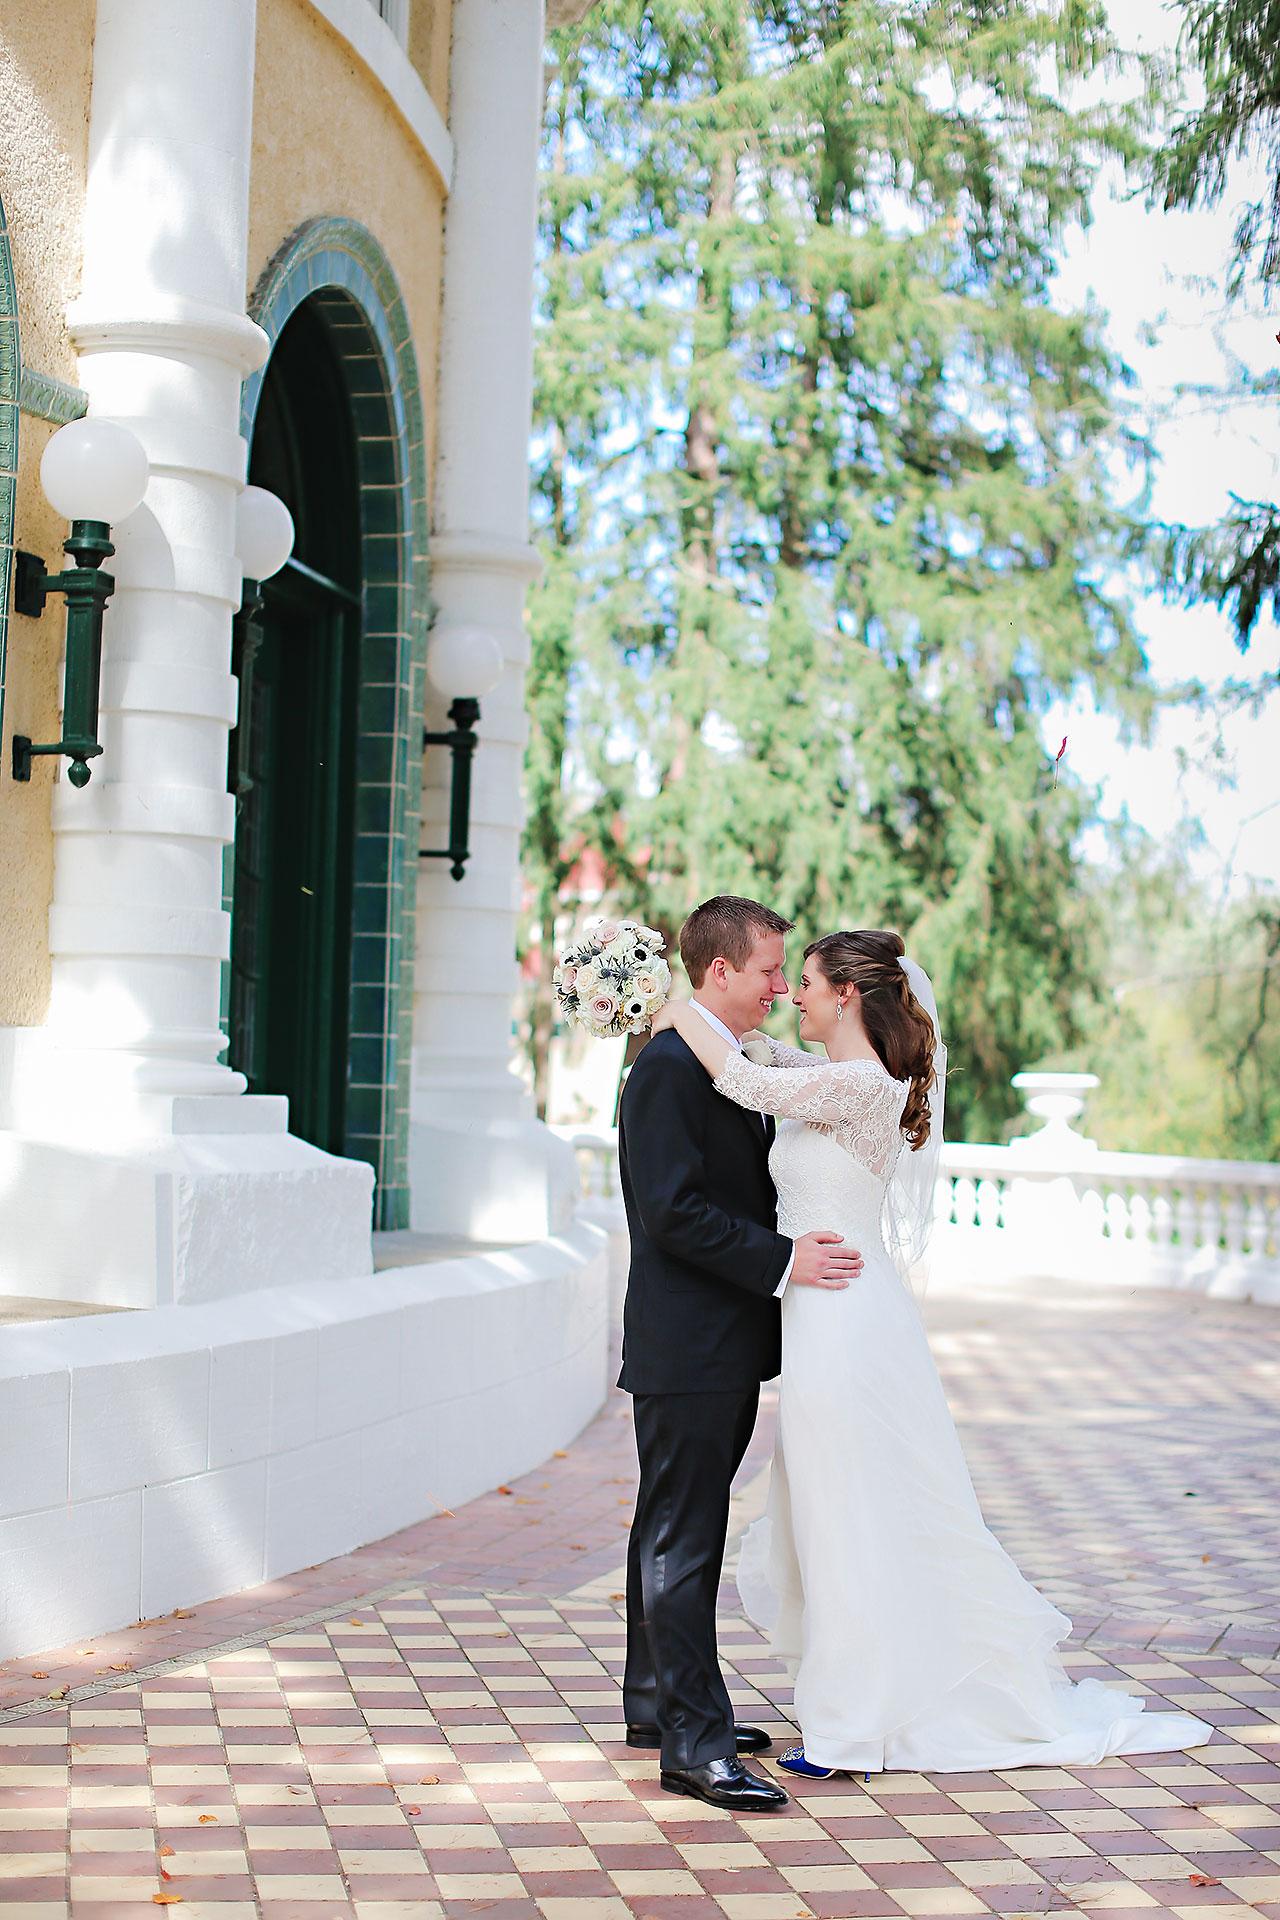 Chelsea Jeff West Baden Wedding 094